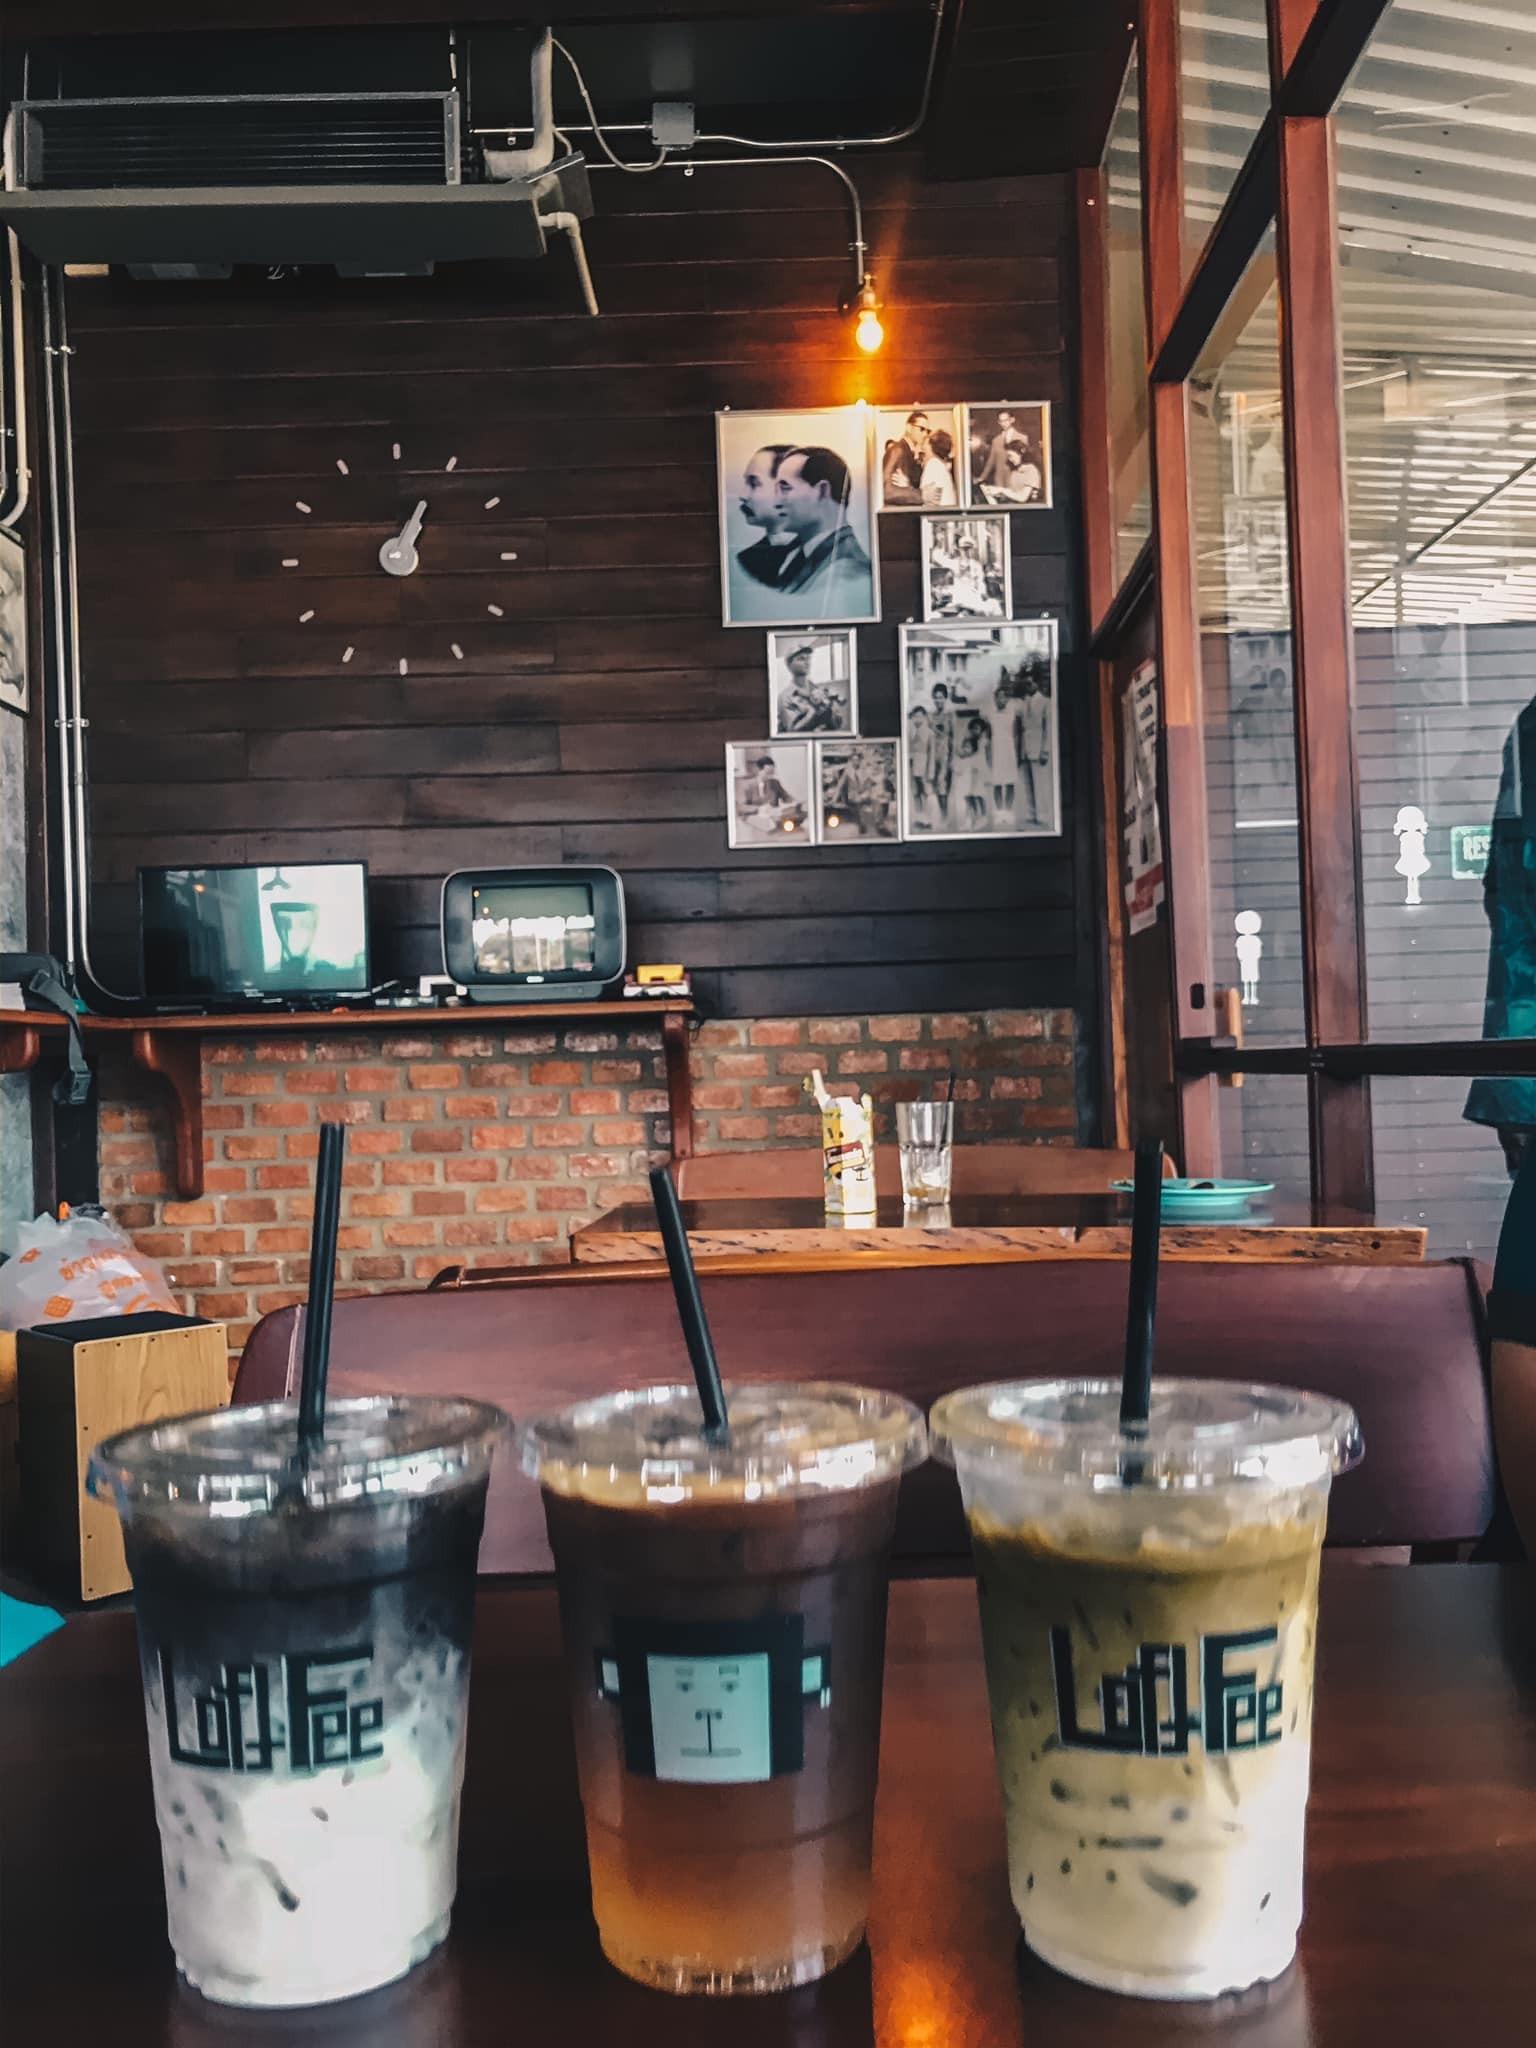 ร้านลับๆห้ามพลาด loftfee cafe คาเฟ่ตกแต่งเรียบง่ายมีสไตล์ อากาศเย็นสบาย เมนูหลากหลายทั้ง ชา กาแฟ สมูทตี้ผลไม้ ปักหมุดเช็คอินกัน